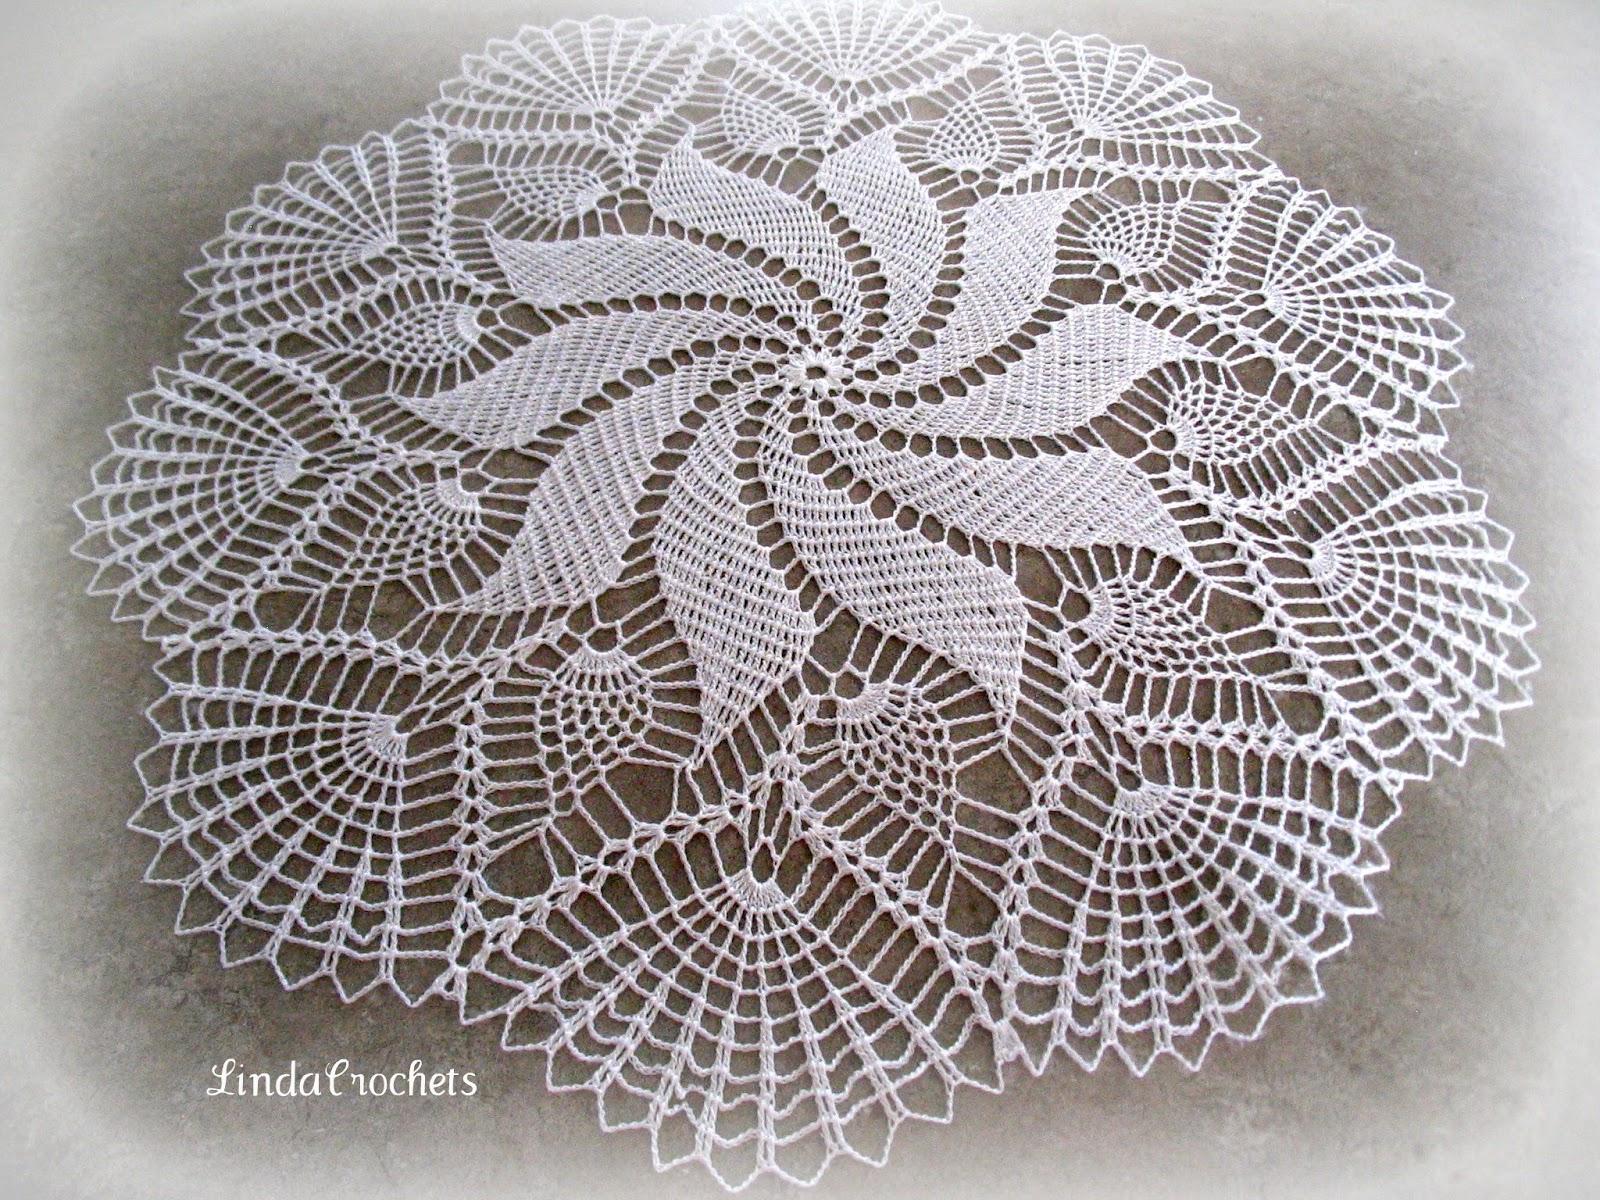 Linda crochets pineapple swirl doily pineapple swirl doily bankloansurffo Gallery